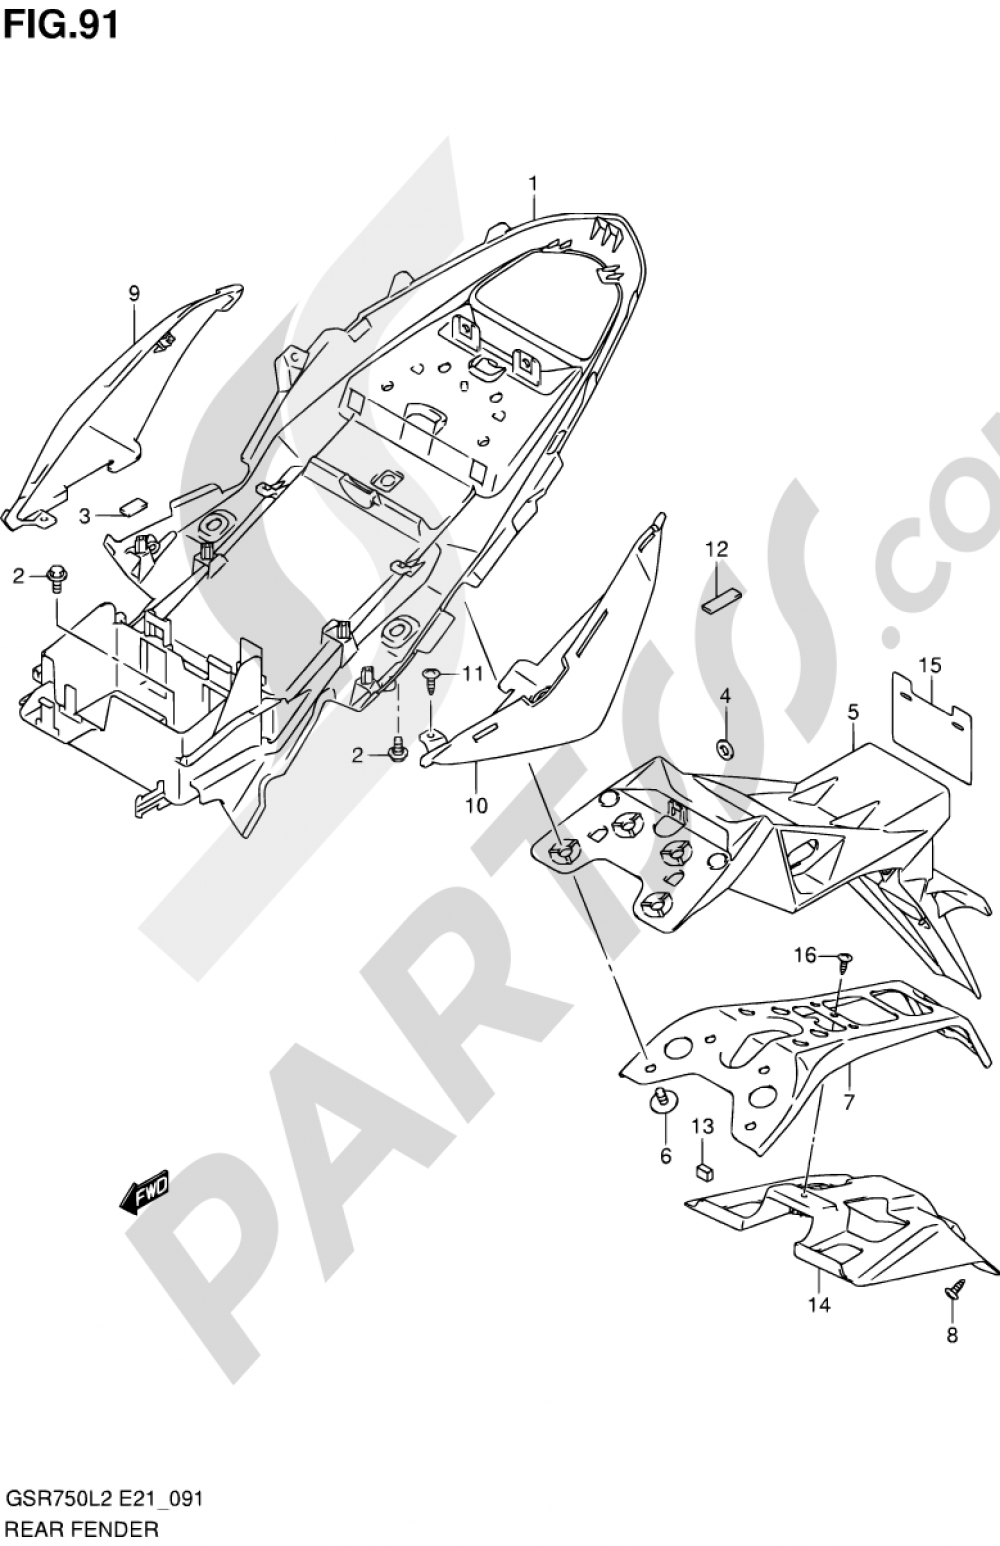 91 - REAR FENDER (GSR750AL2 E24) Suzuki GSR750A 2012